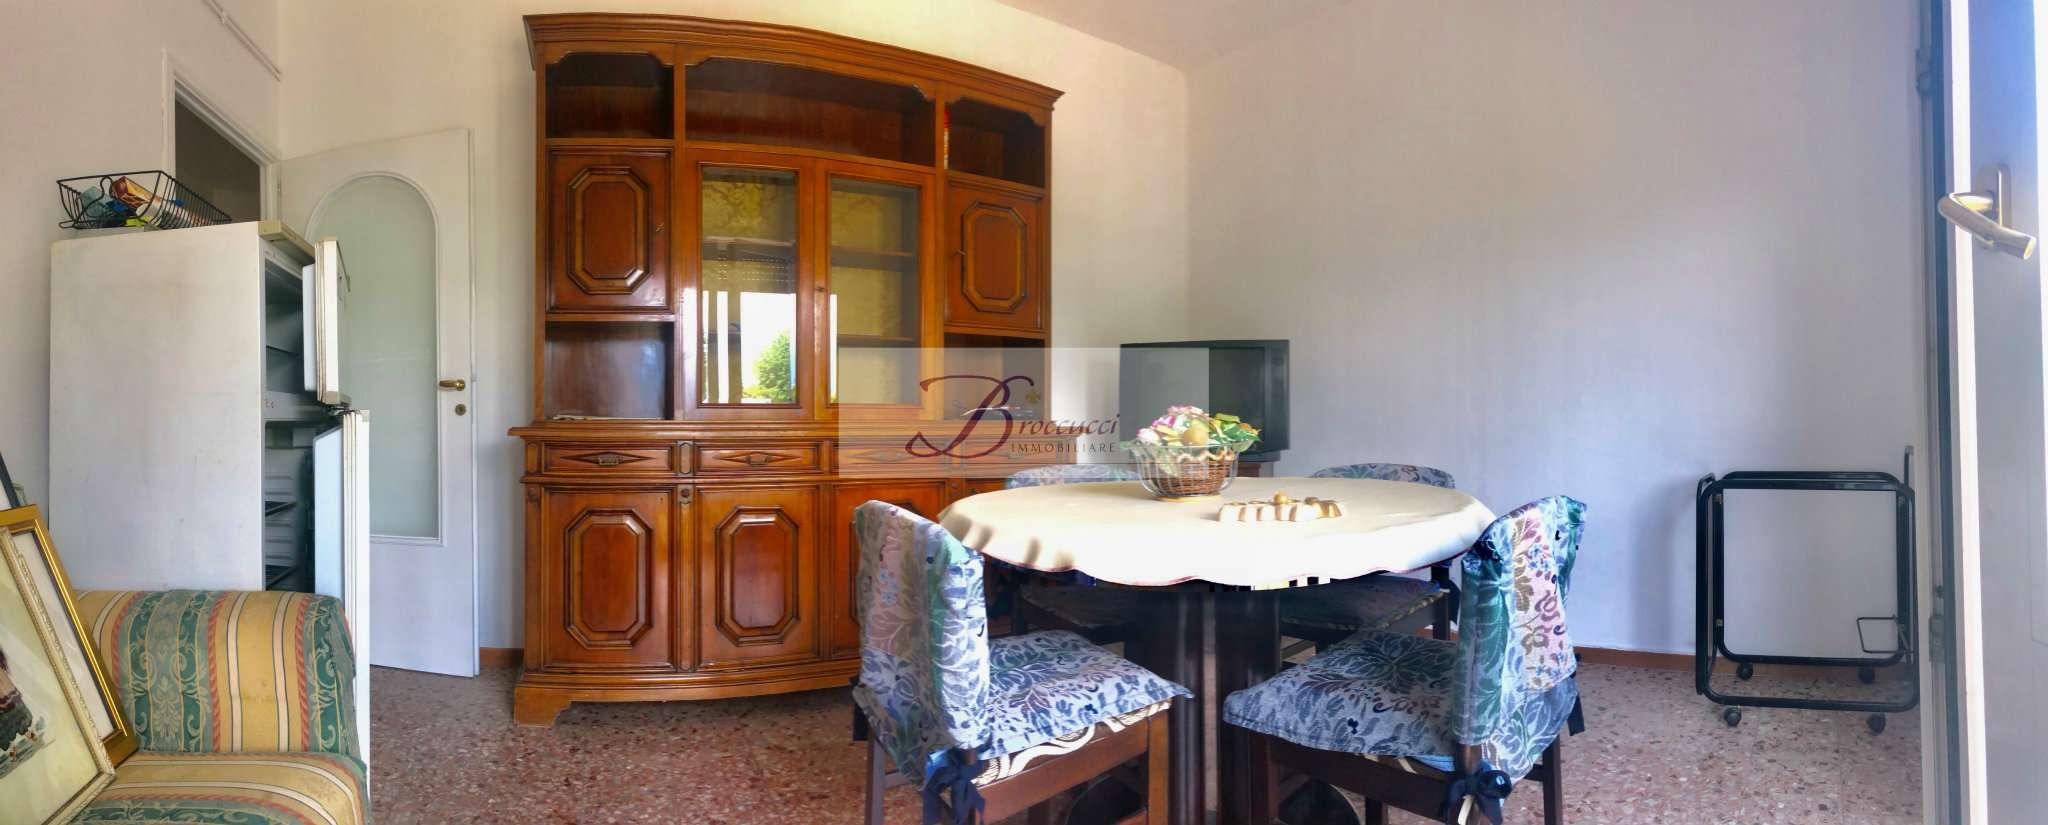 Appartamento in affitto a Cuasso al Monte, 3 locali, prezzo € 400 | PortaleAgenzieImmobiliari.it